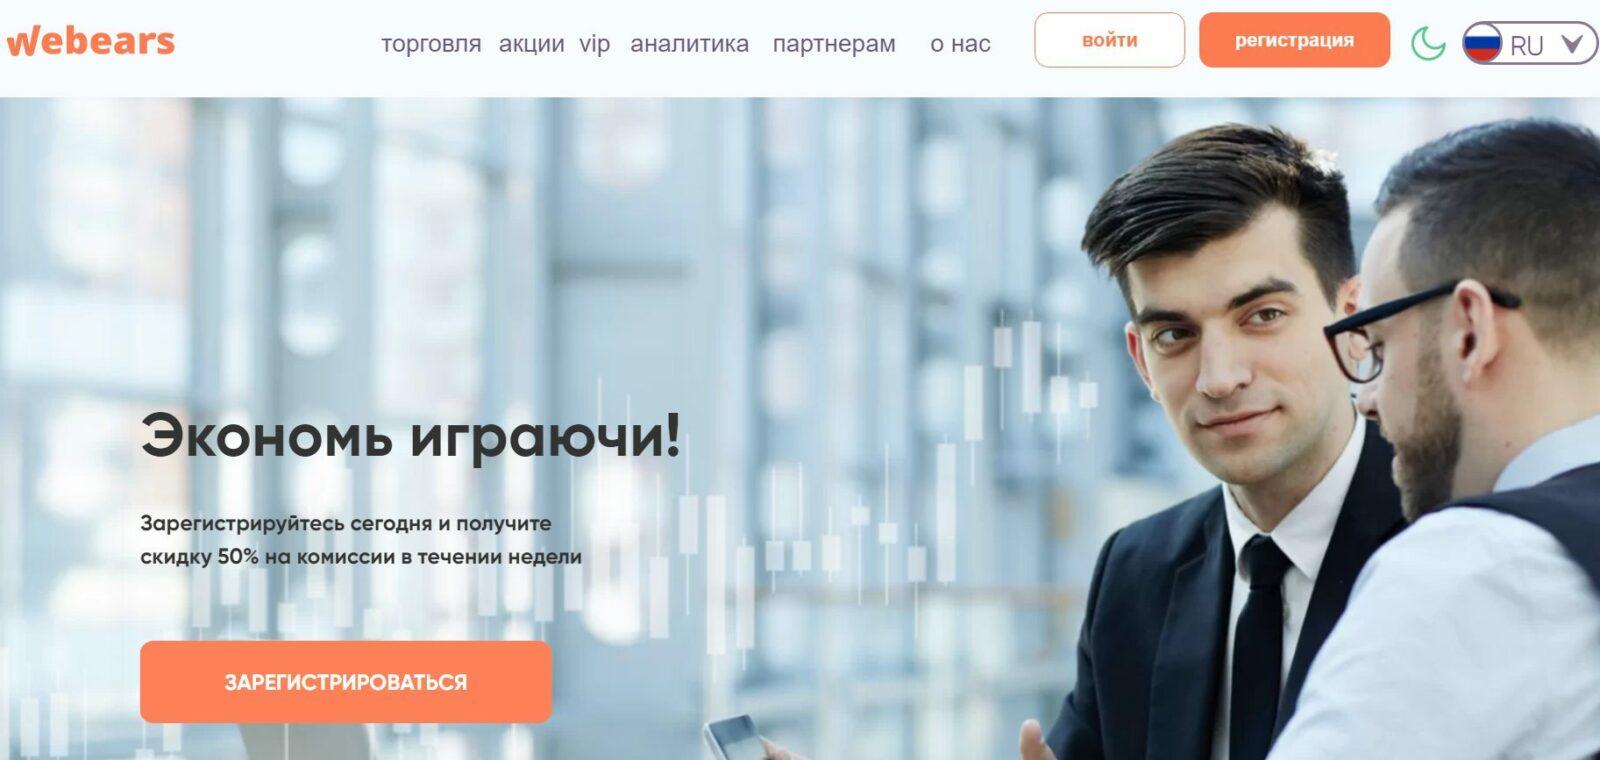 Сайт проекта Webears.com